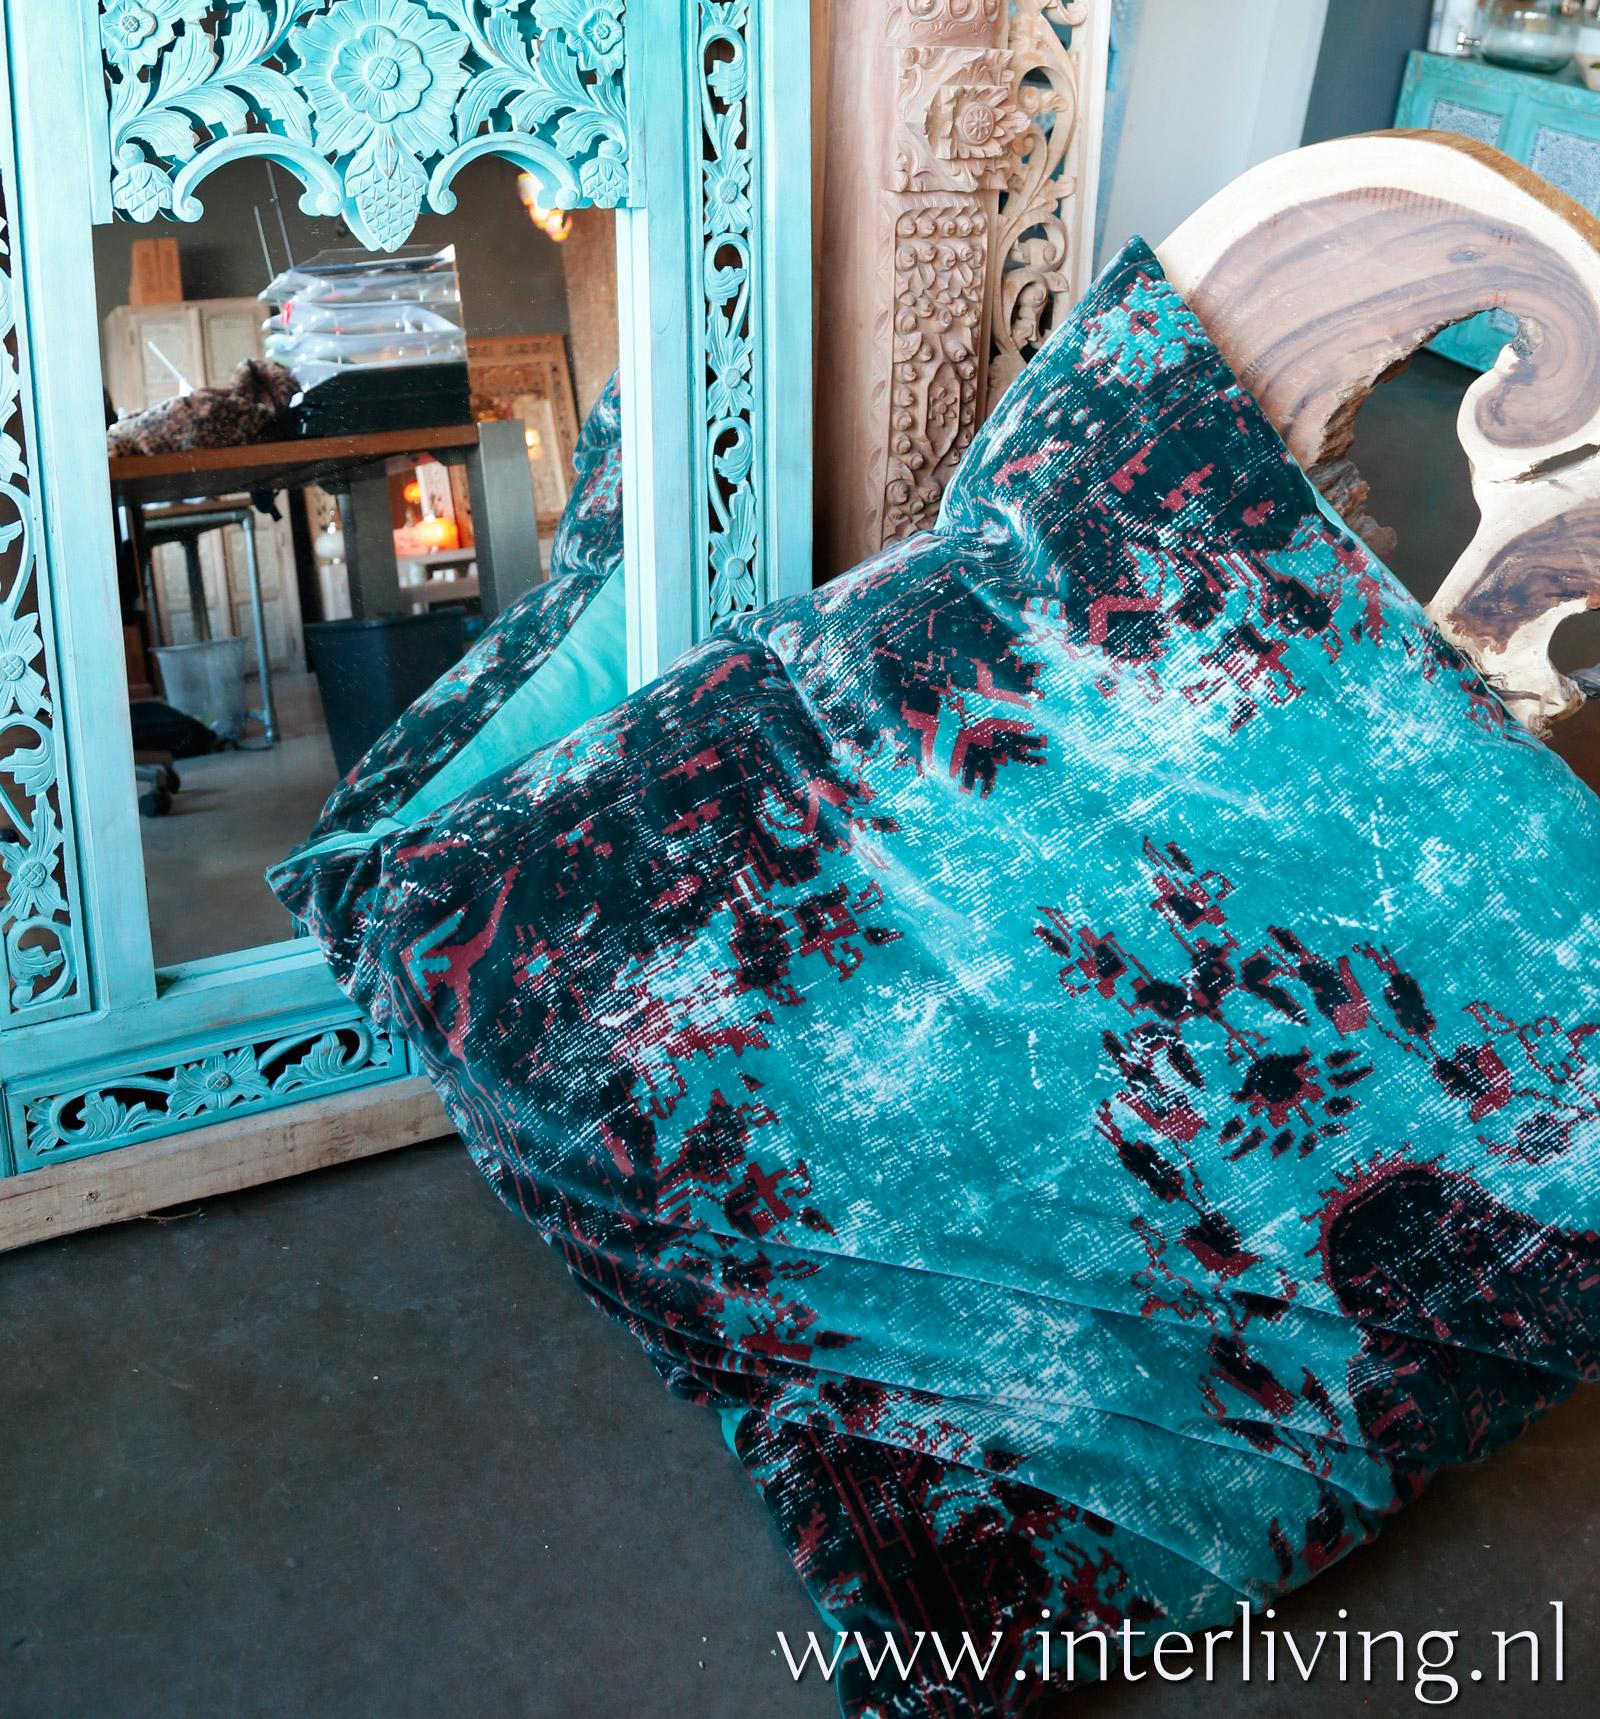 Ibiza aqua blauw vintage kelim kussen - uniek blauw woonaccessoire - lounge velvet fluweel zacht groot zitkussen